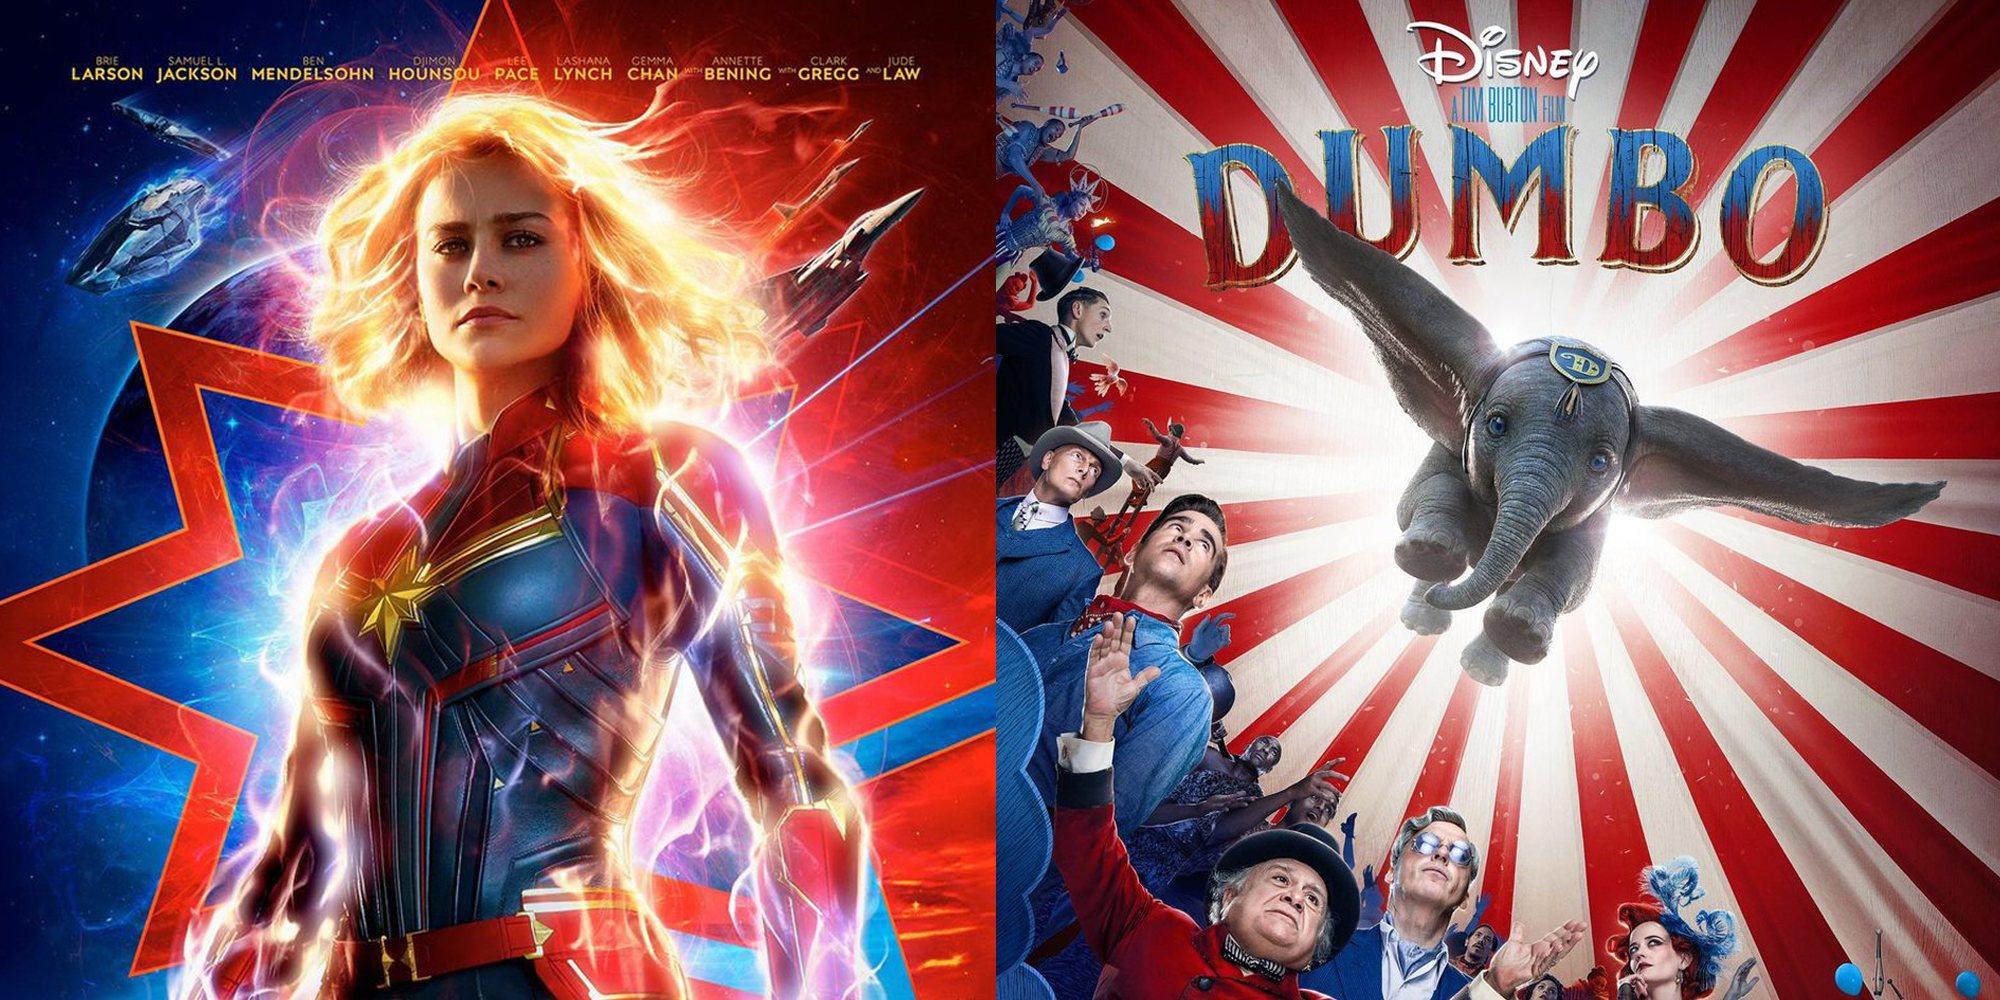 Las 5 películas más esperadas de marzo de 2019